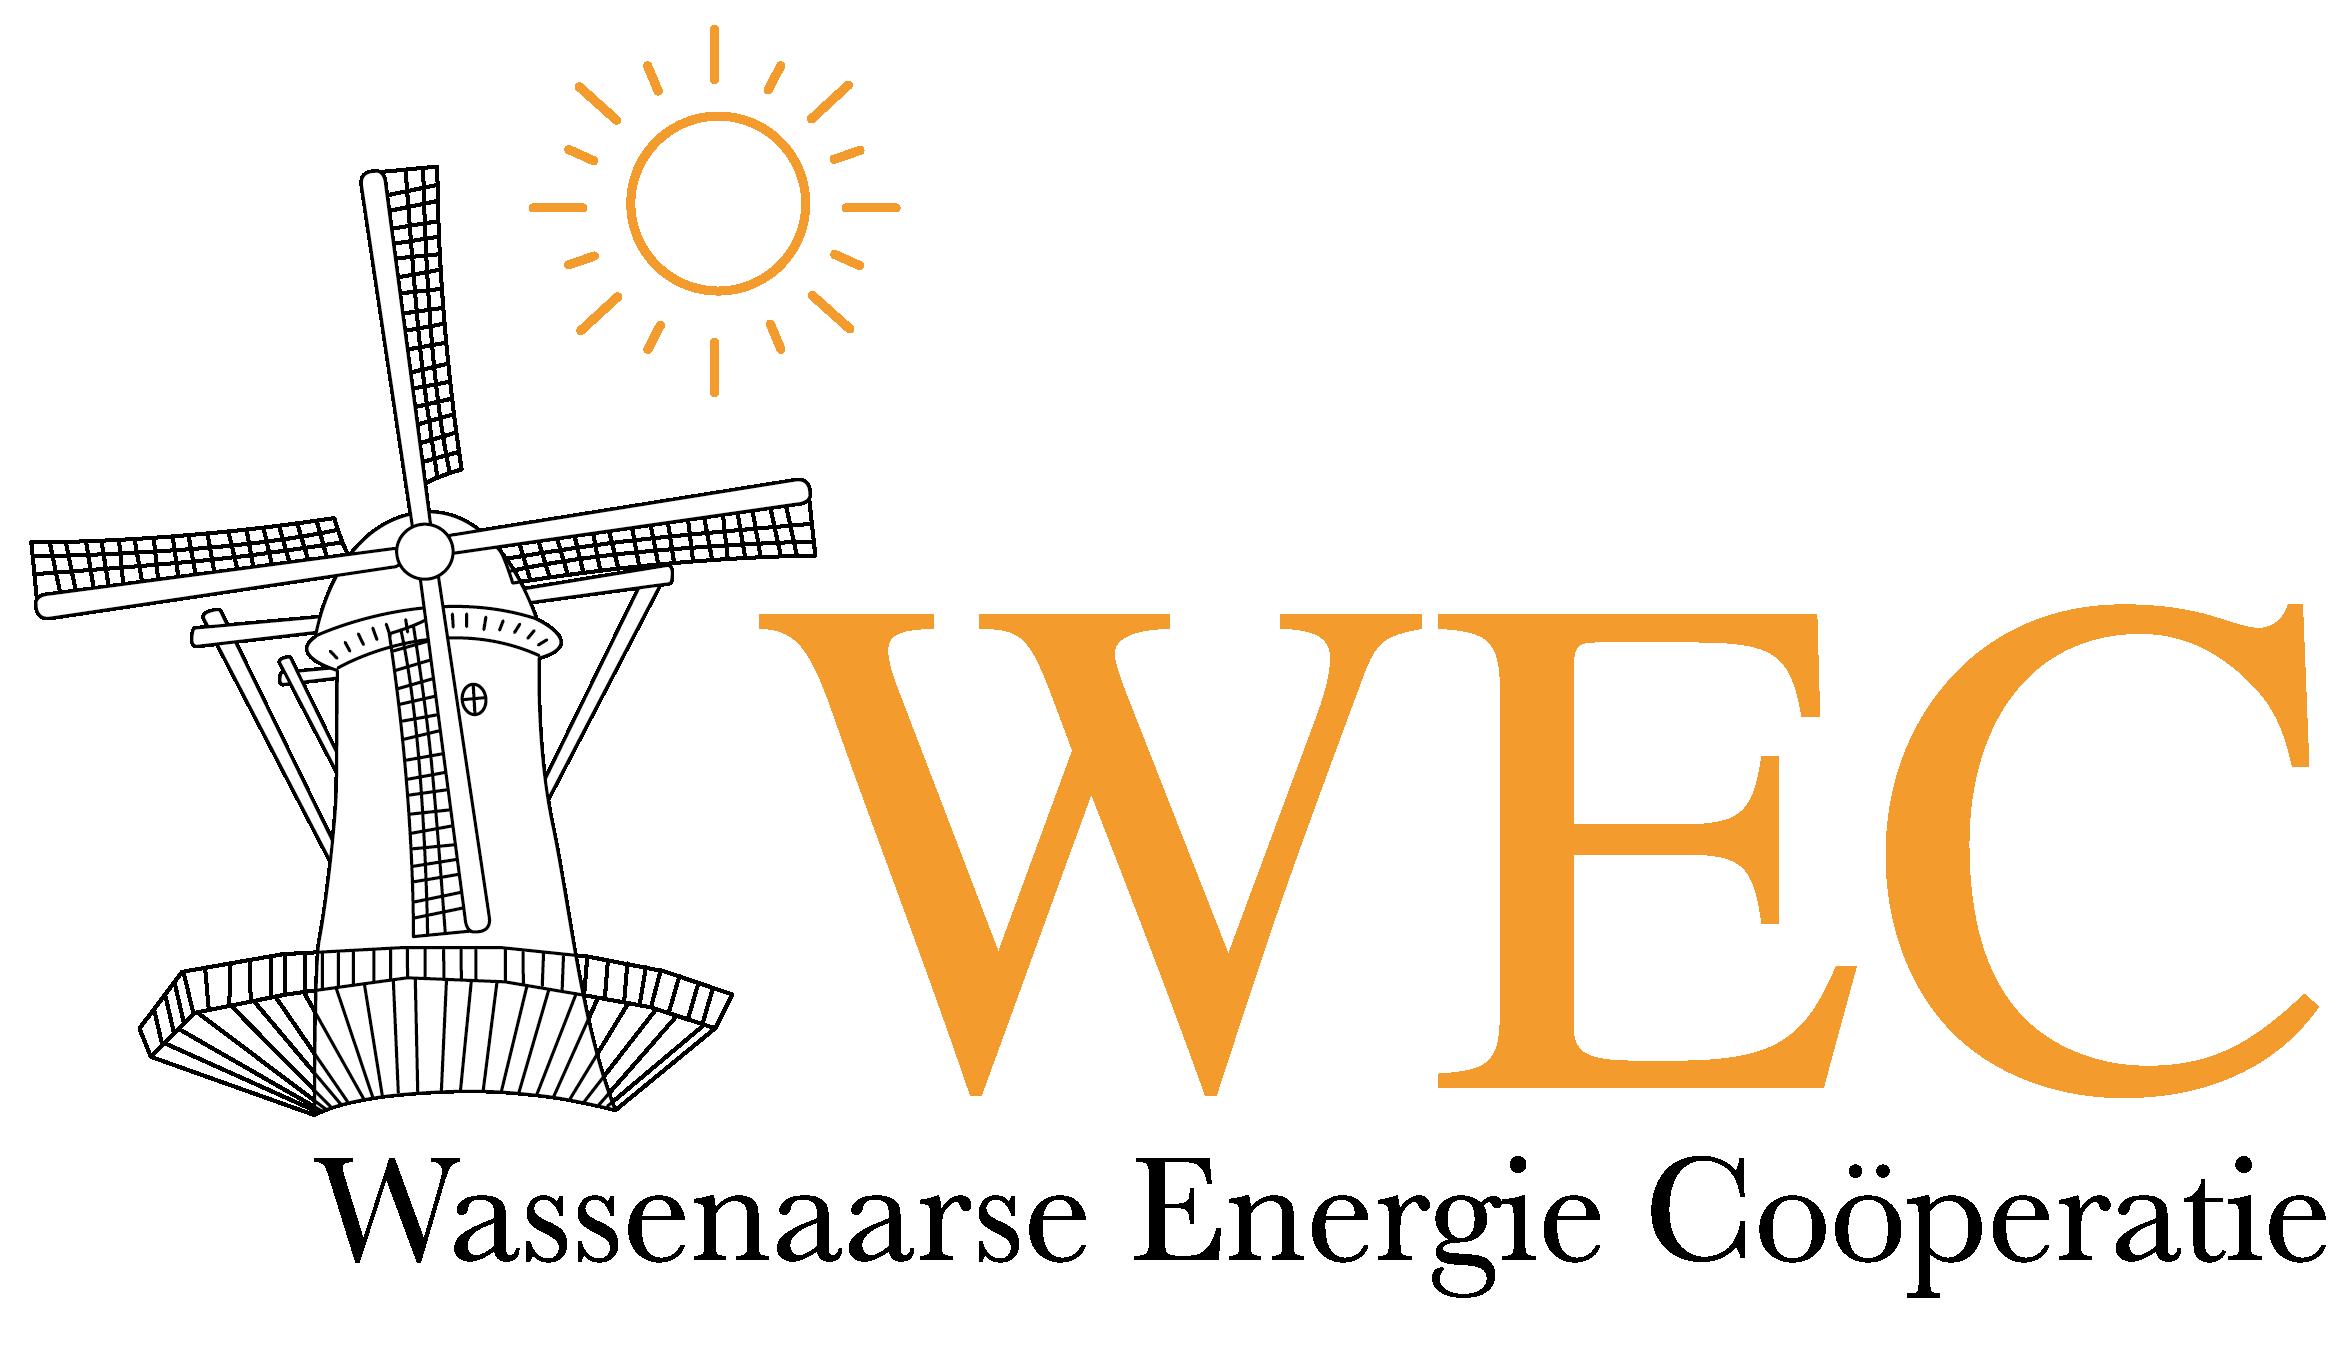 WEC - Wassenaarse Energie Coöperatie